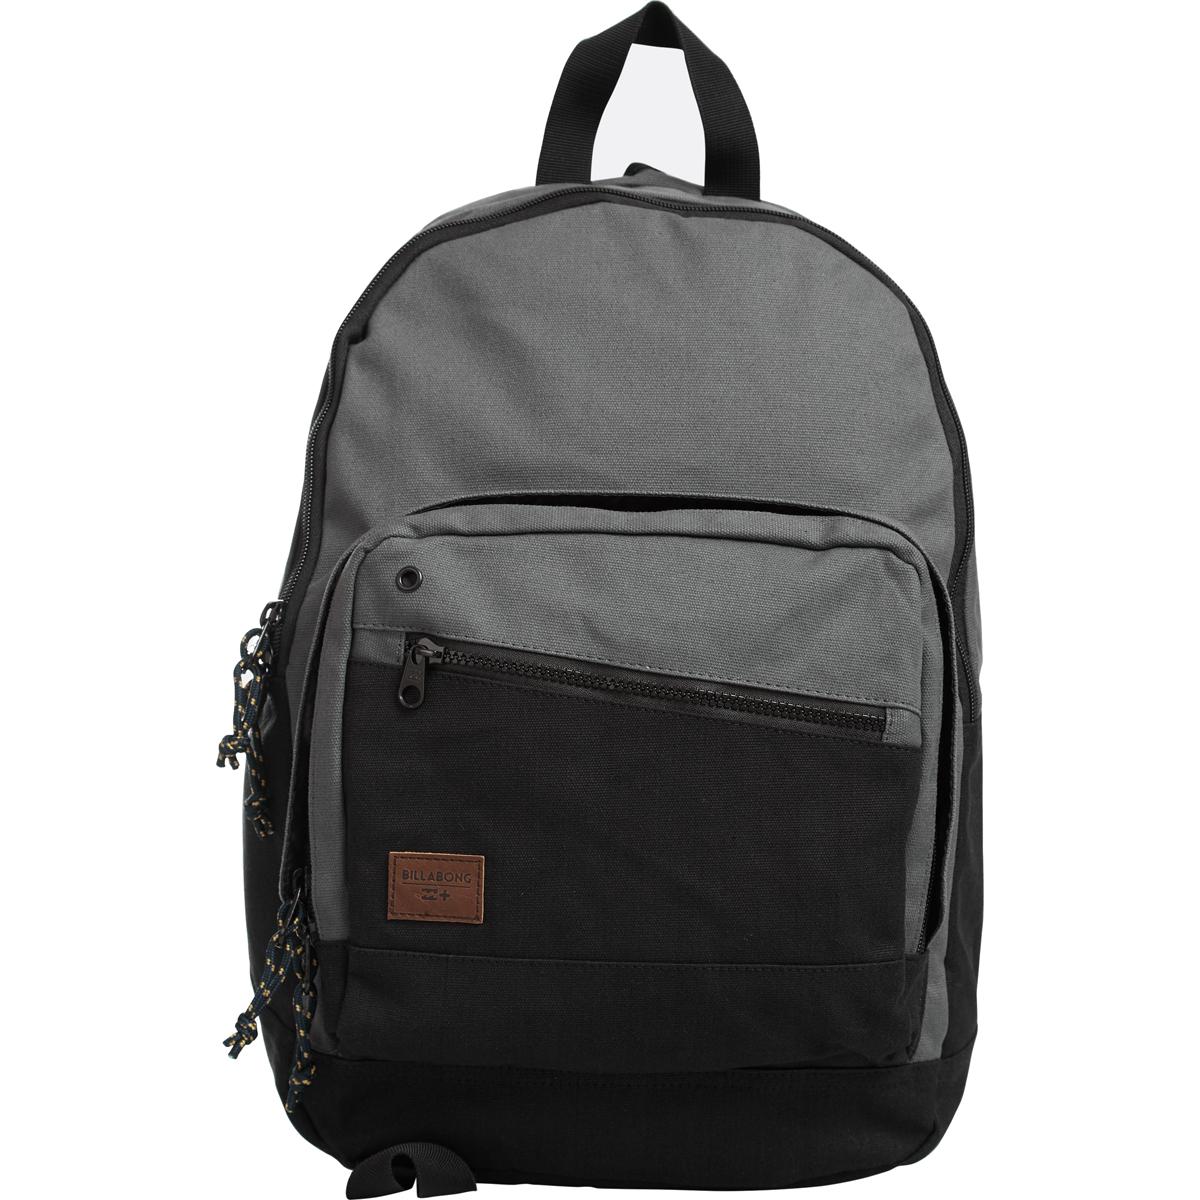 Рюкзак городской Billabong Laneway Canvas, цвет: черный, 23 л. Z5BP08Z5BP08Вместительный и практичный рюкзак из 100% хлопка. Два внеших внеших кармана для мелочей, в онсновном отделение кармана для ноутбука.